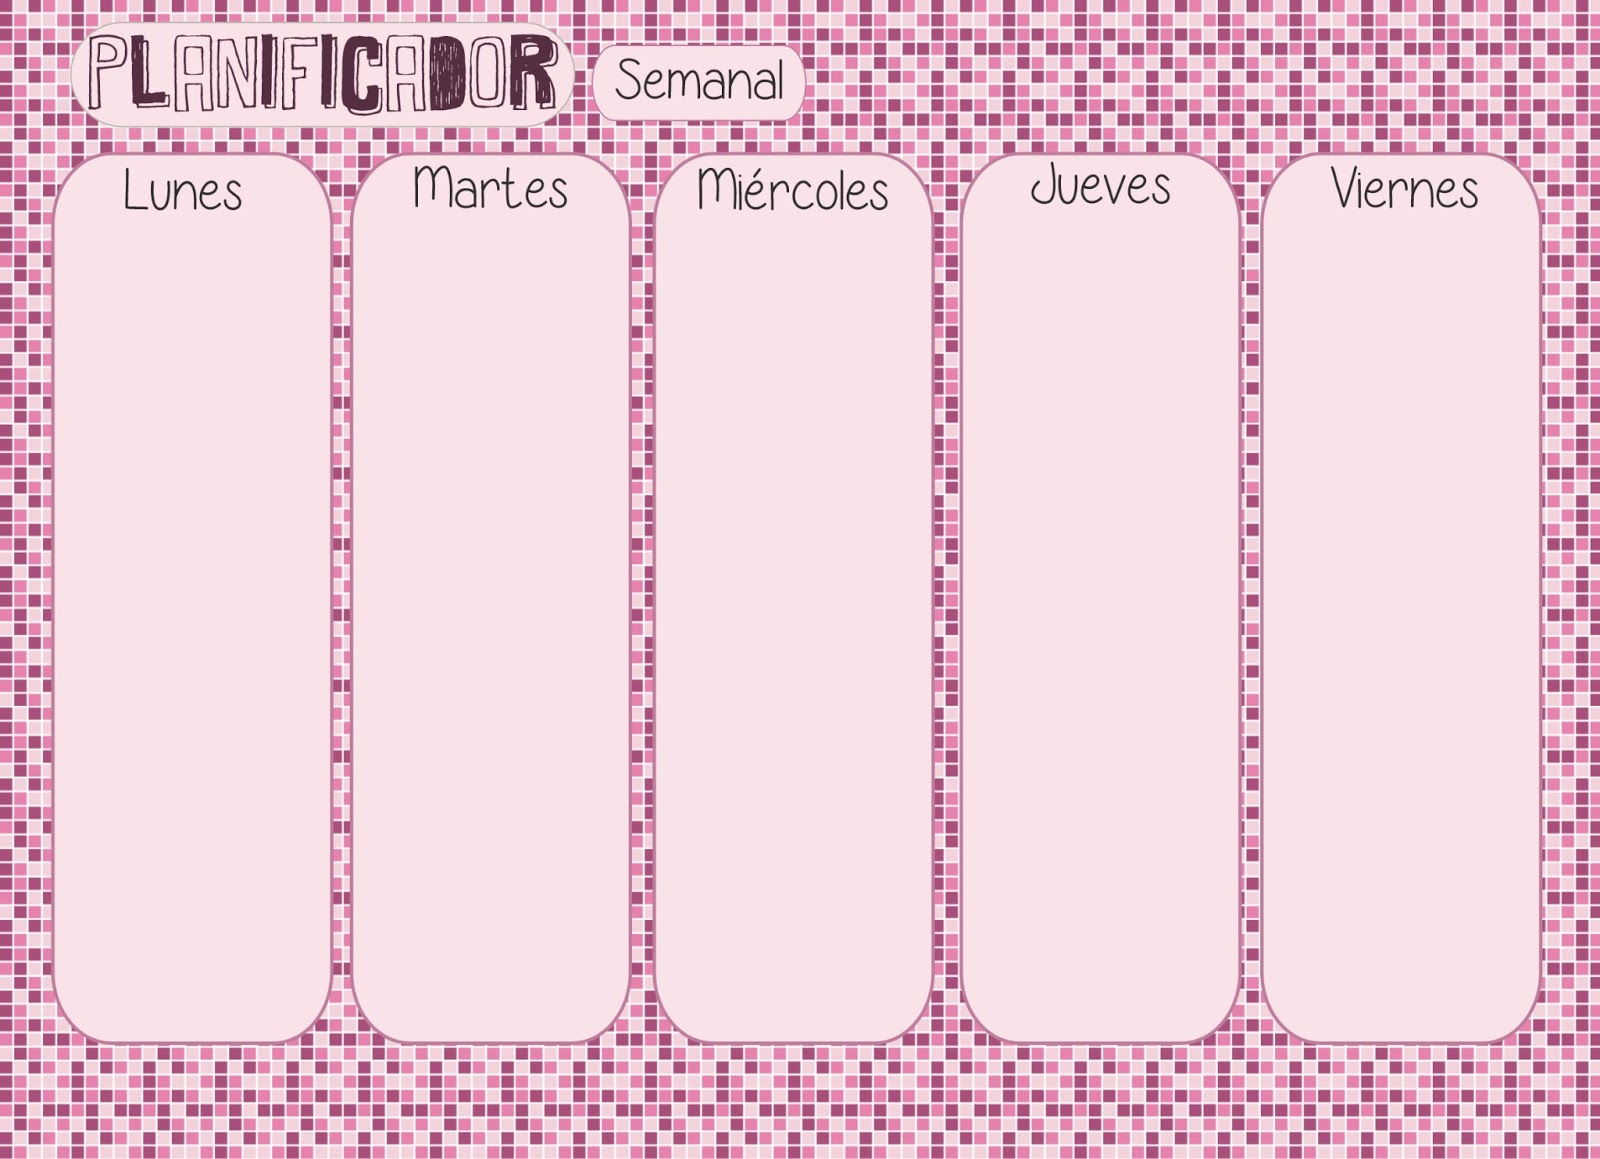 Contemporáneo Plantilla Del Planificador Semanal 2014 Adorno ...